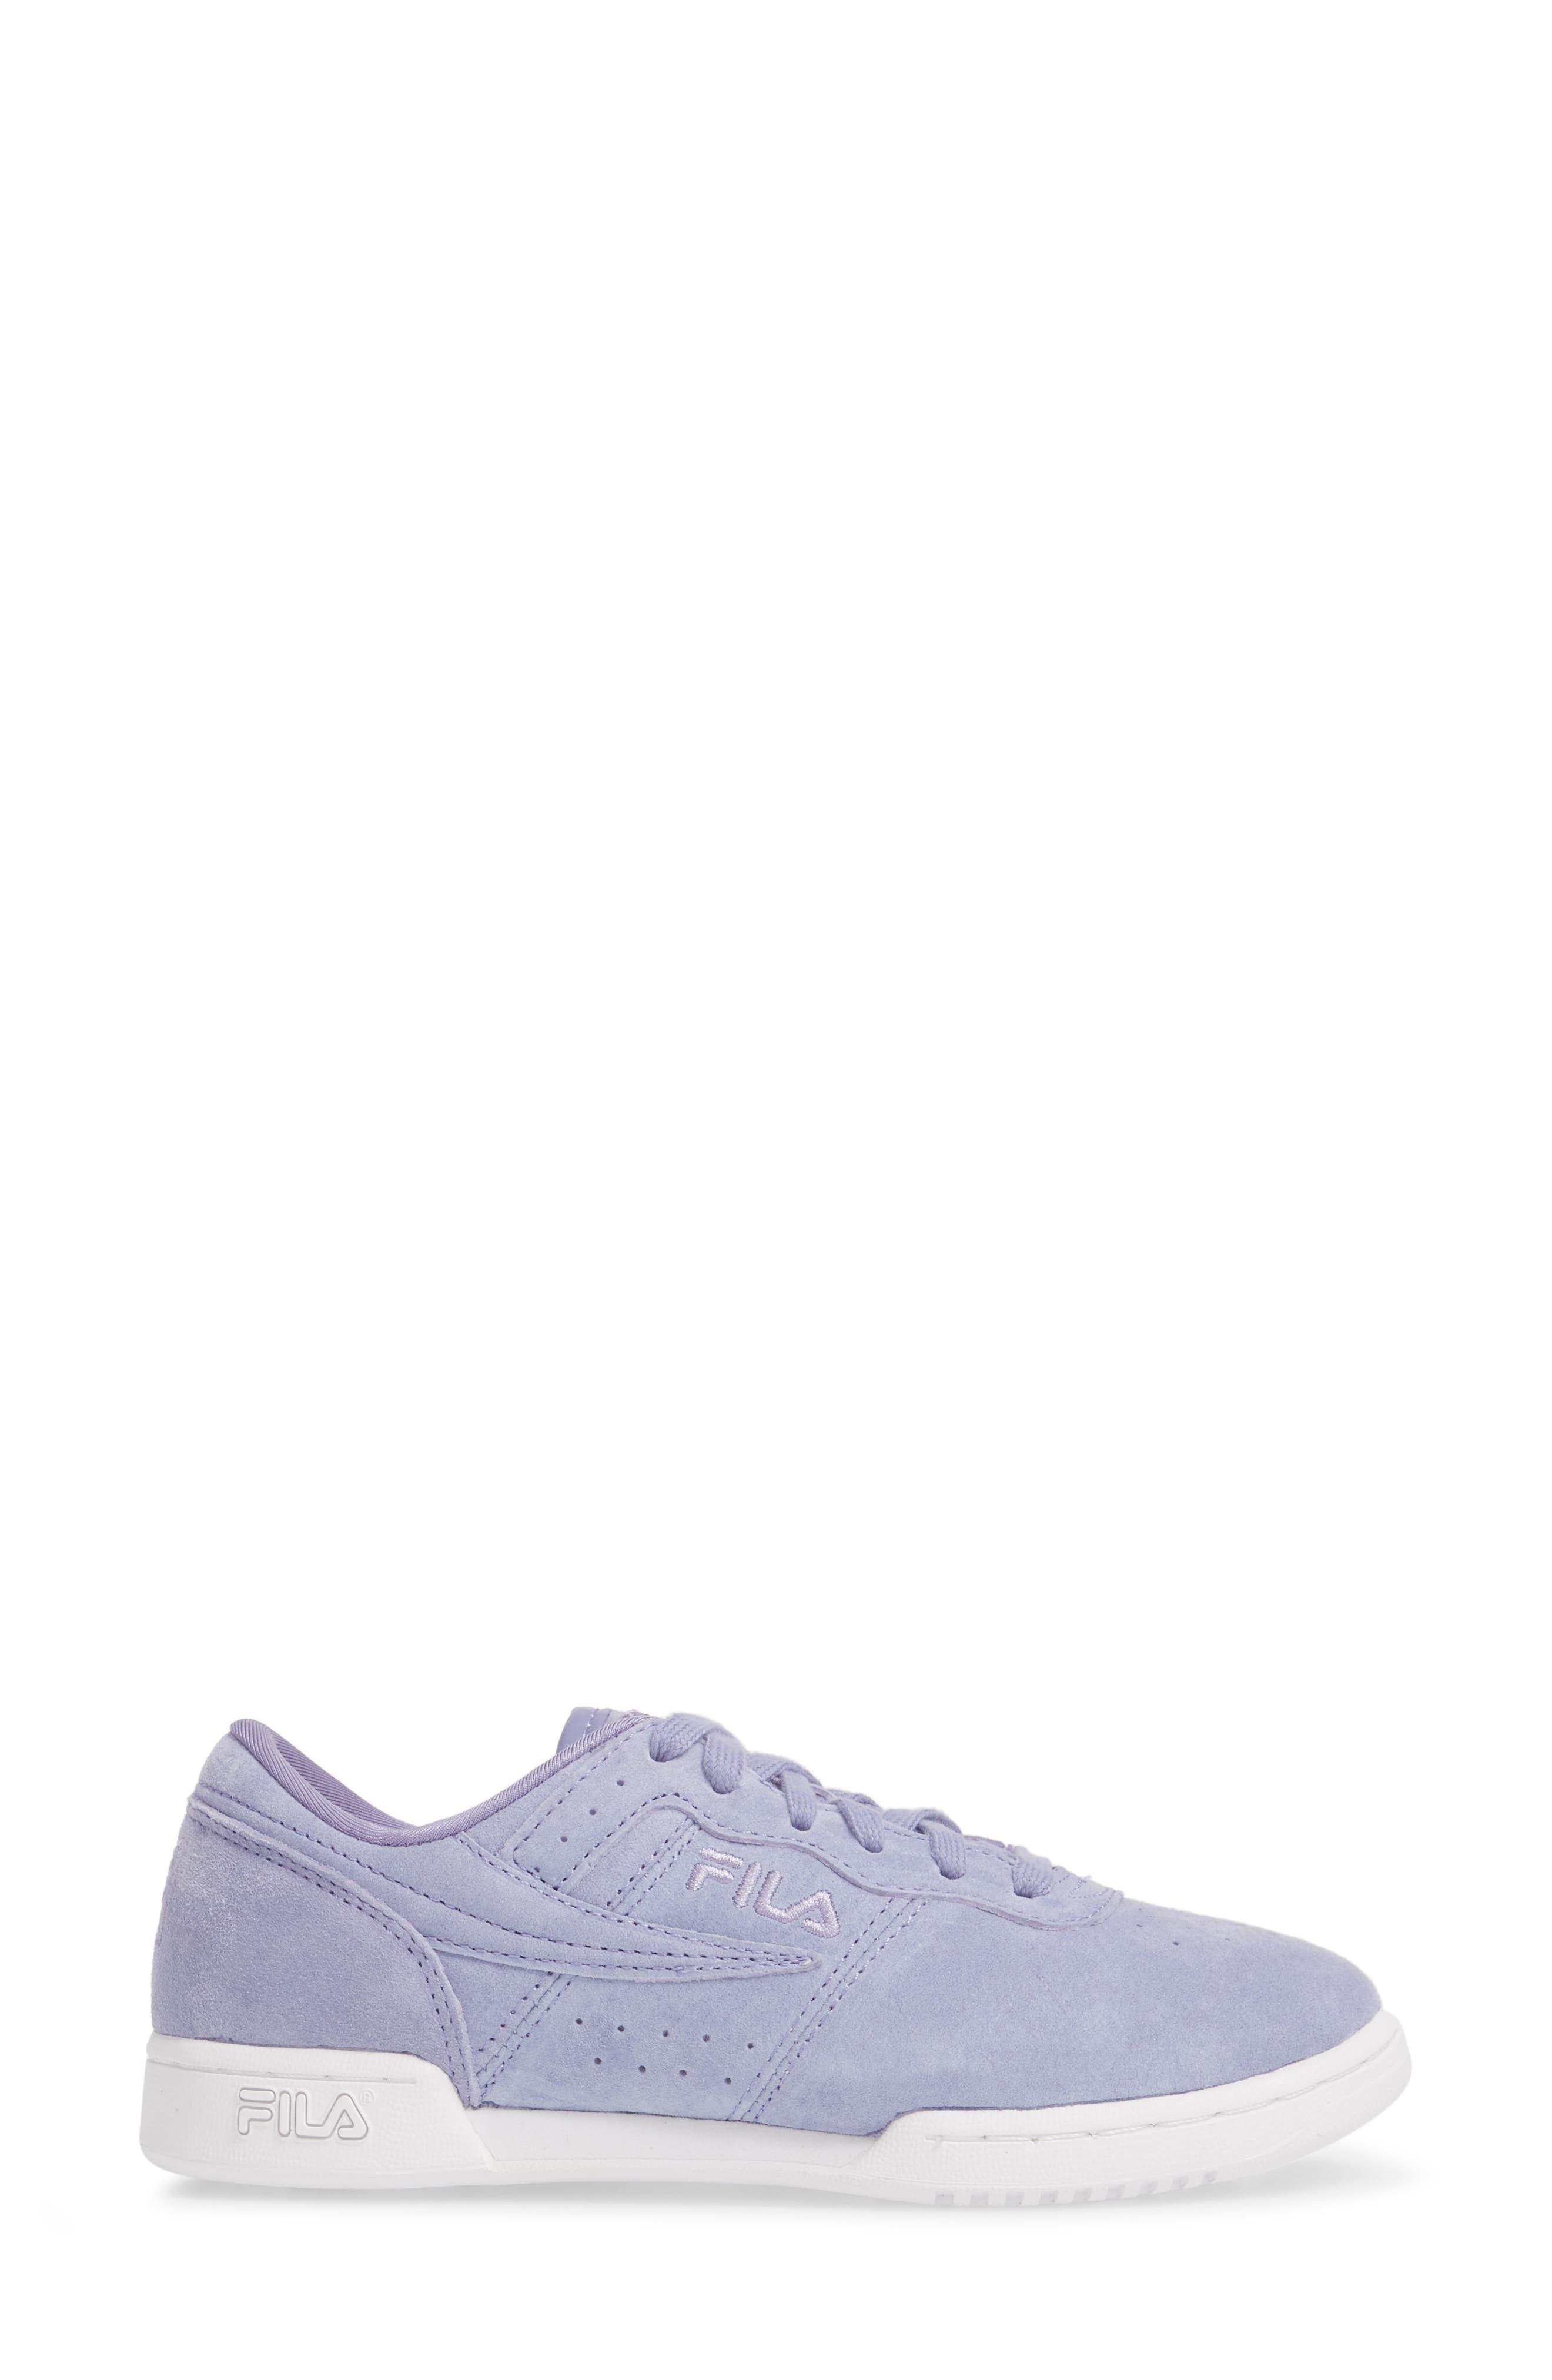 Original Fitness Premium Sneaker,                             Alternate thumbnail 3, color,                             SLAV/ SLAV/ WHT